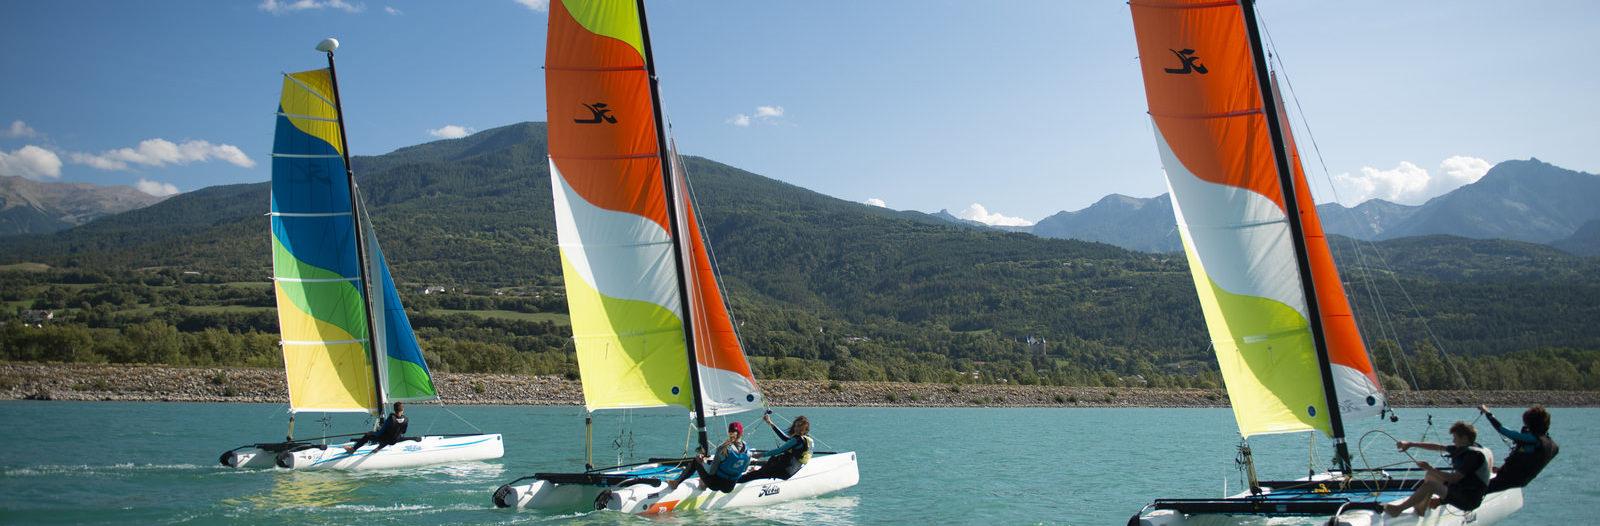 Catamarans sur le lac de Serre-Ponçon